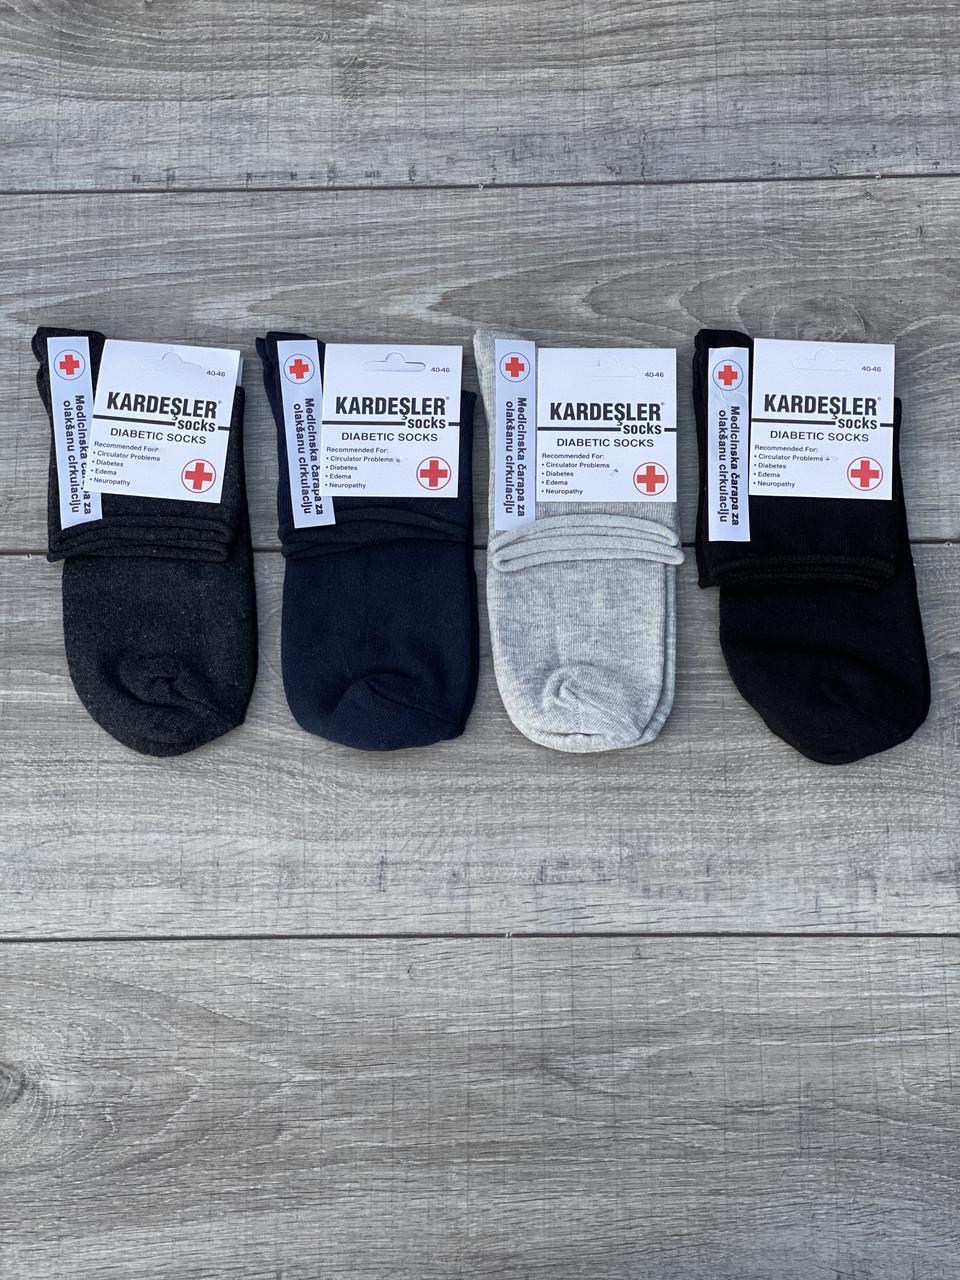 Cередні чоловічі шкарпетки носки Kardesler для діабетиків однотонні розмір 39-42 43-46 12 шт  мікс 4 кол Серый